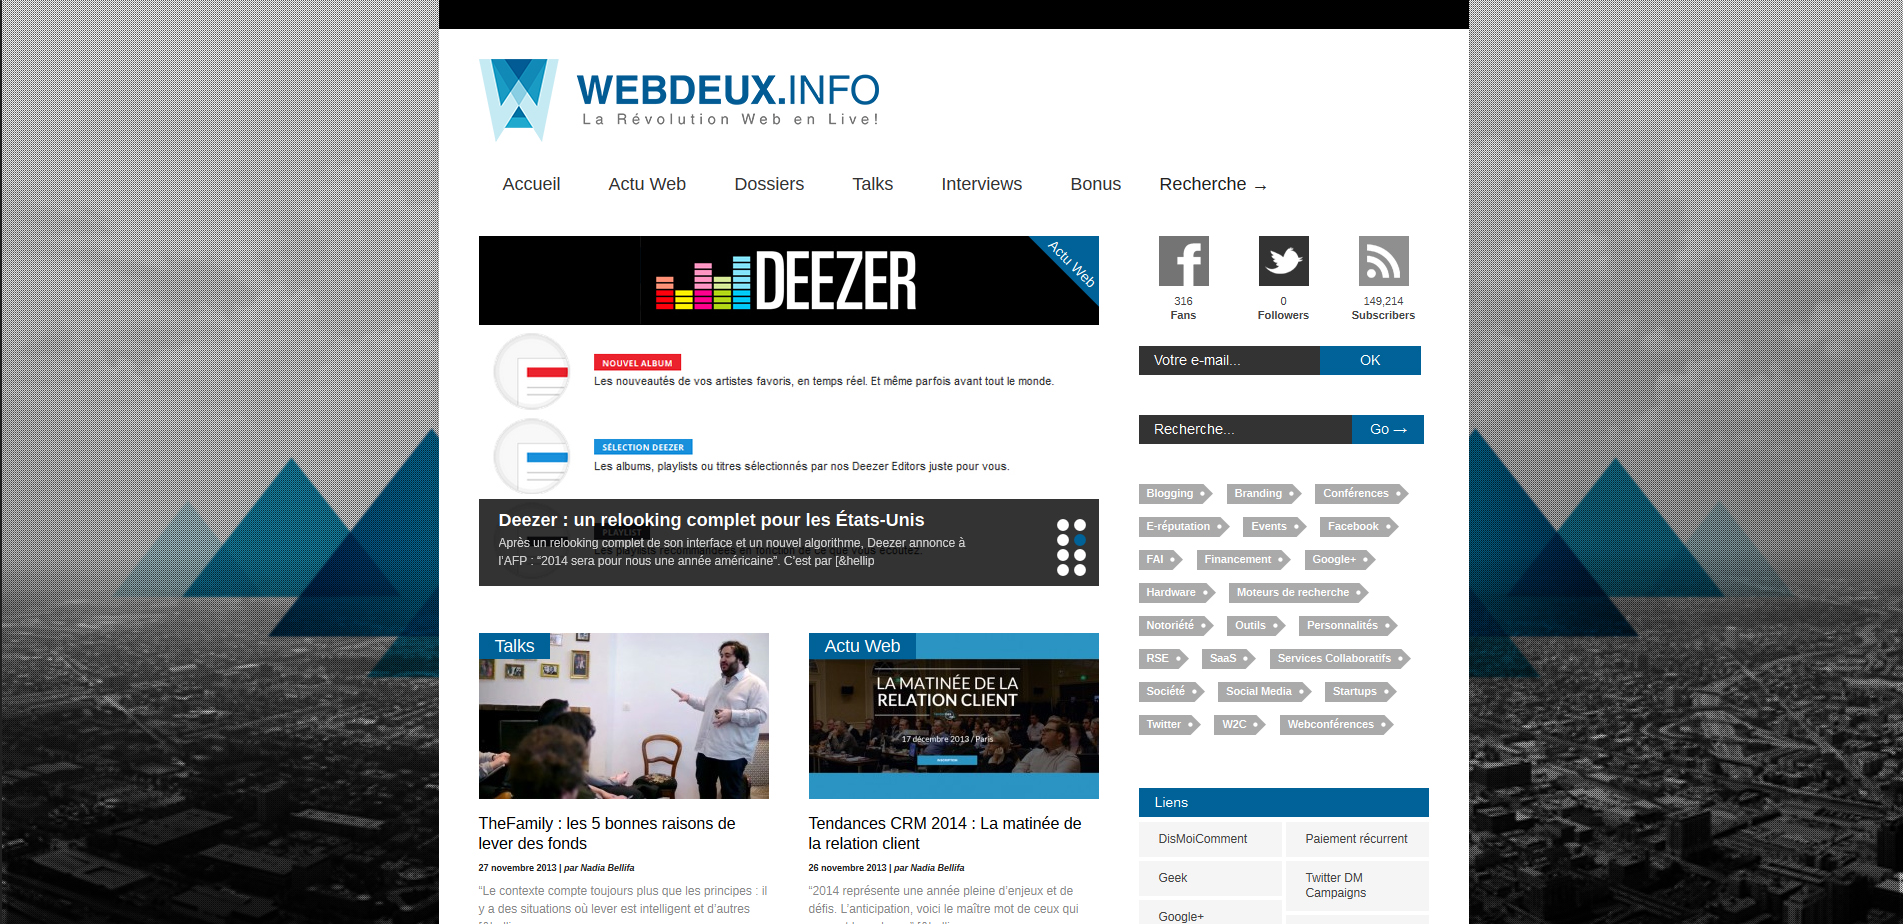 webdeuxinfo